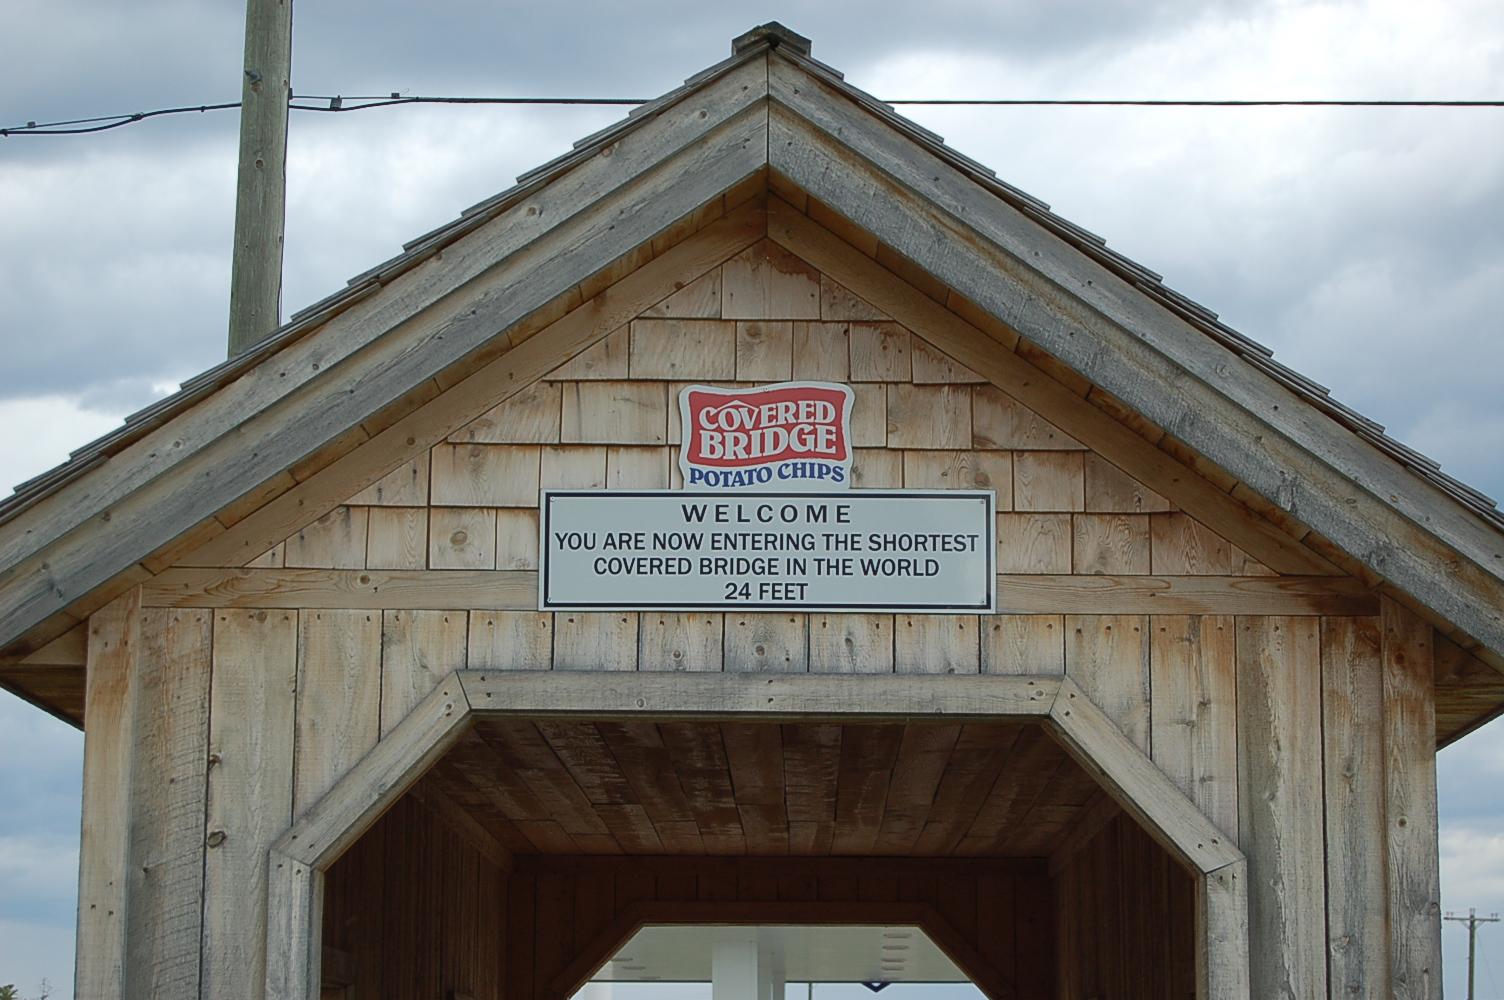 The shortest coverd Bridge